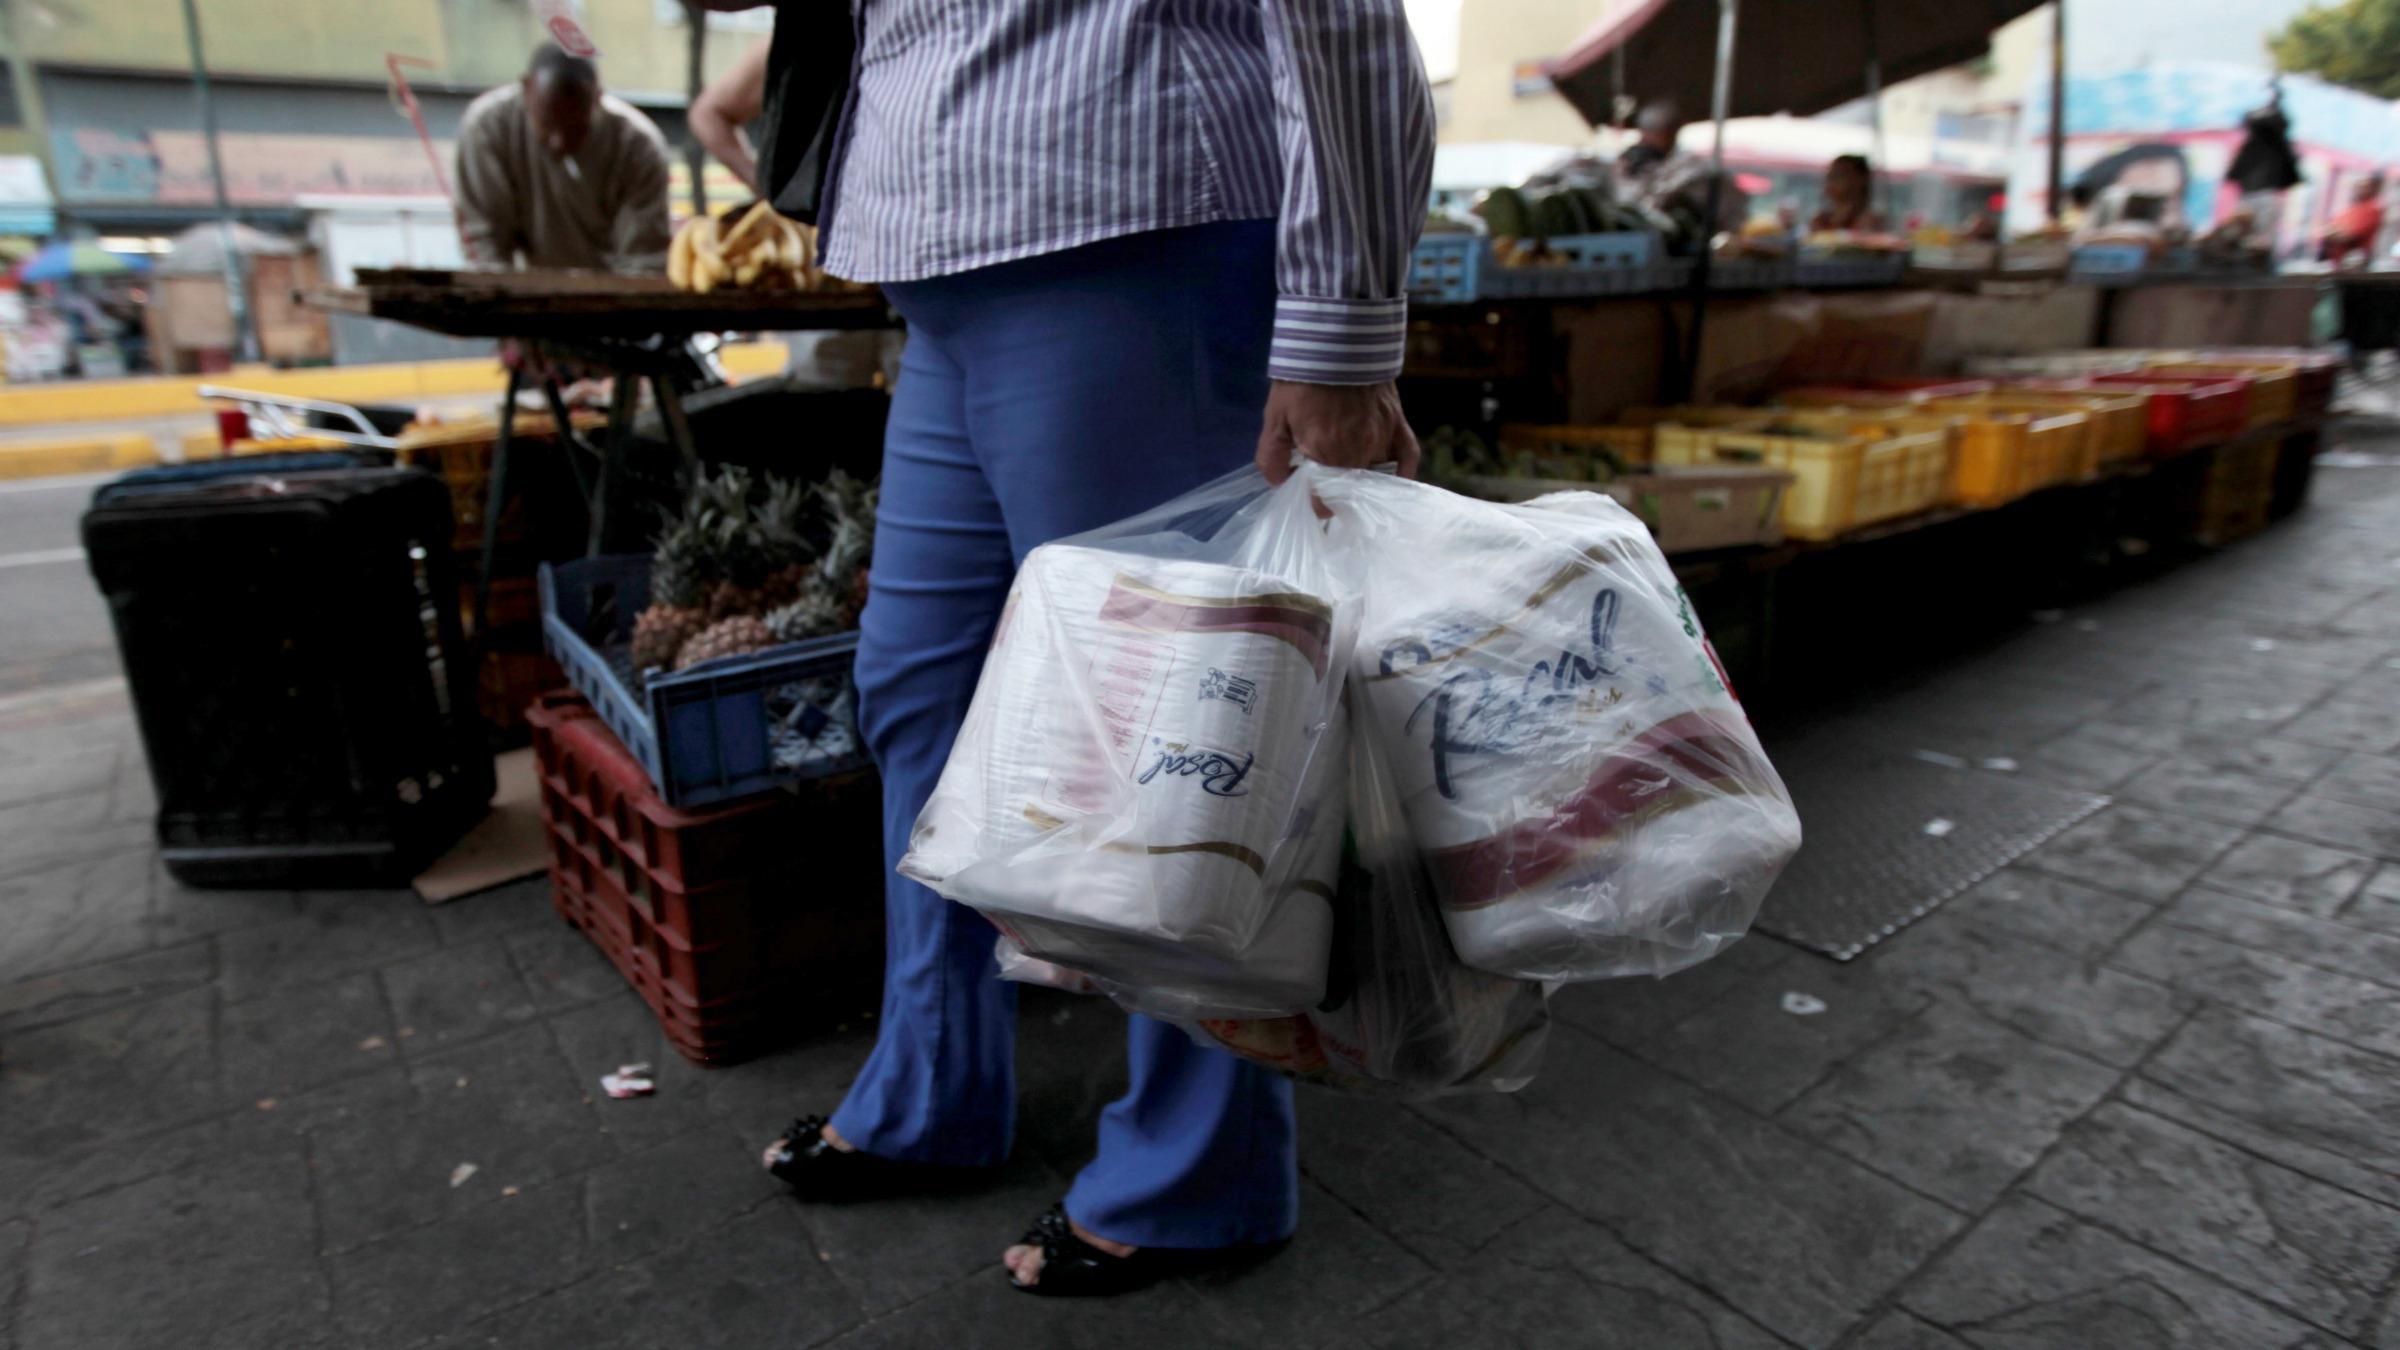 Venezuela has no toilet paper.